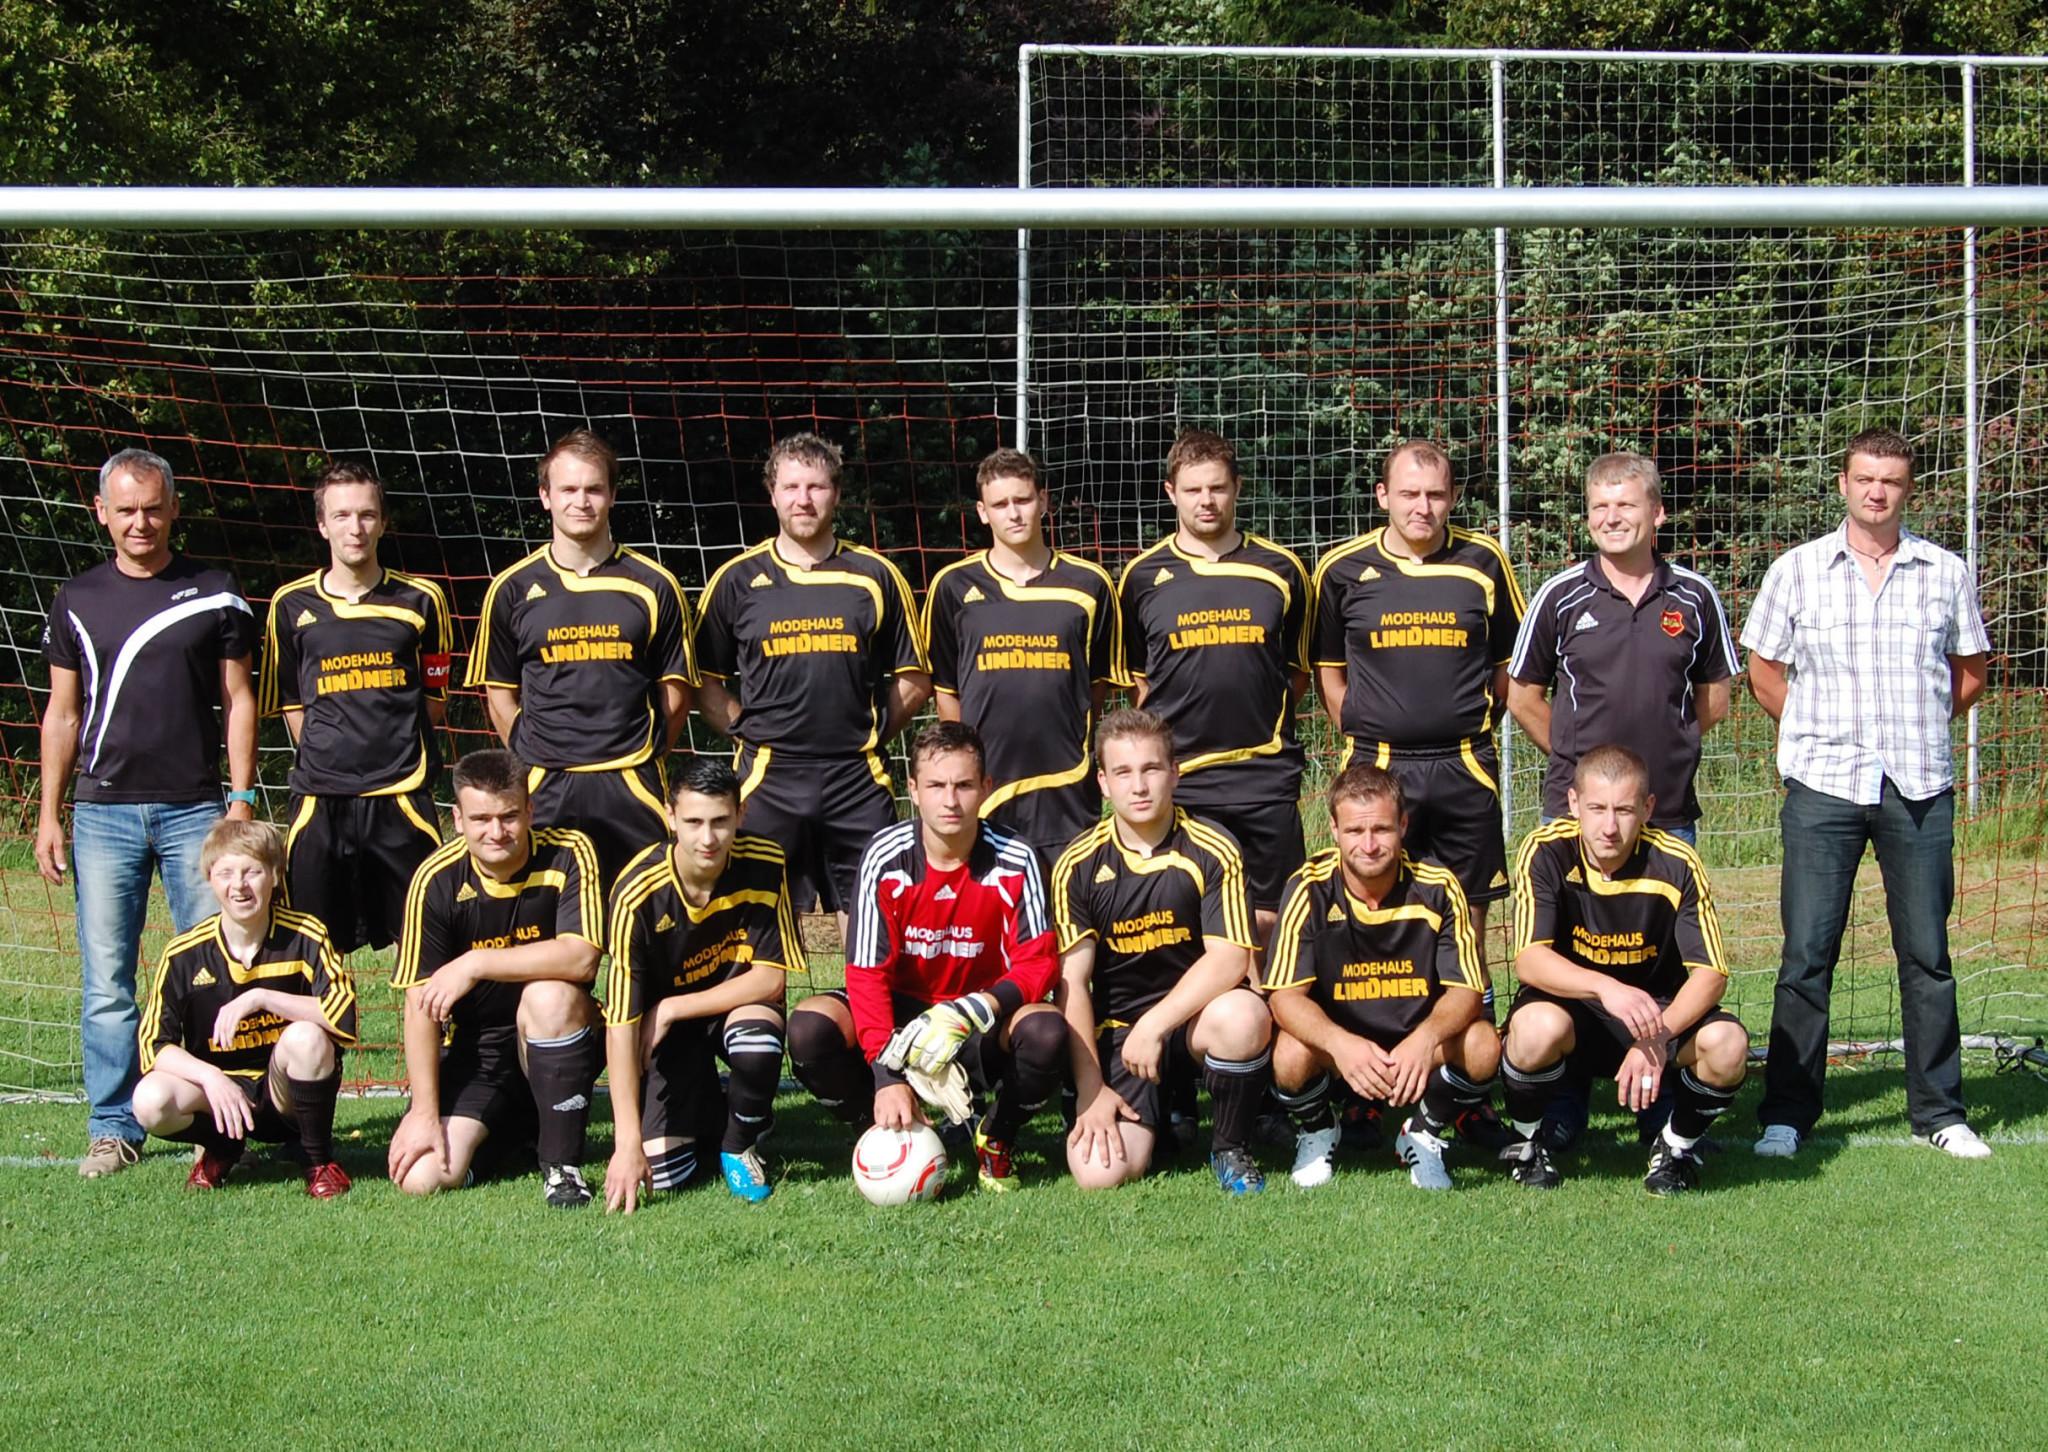 1. Mannschaft 2012